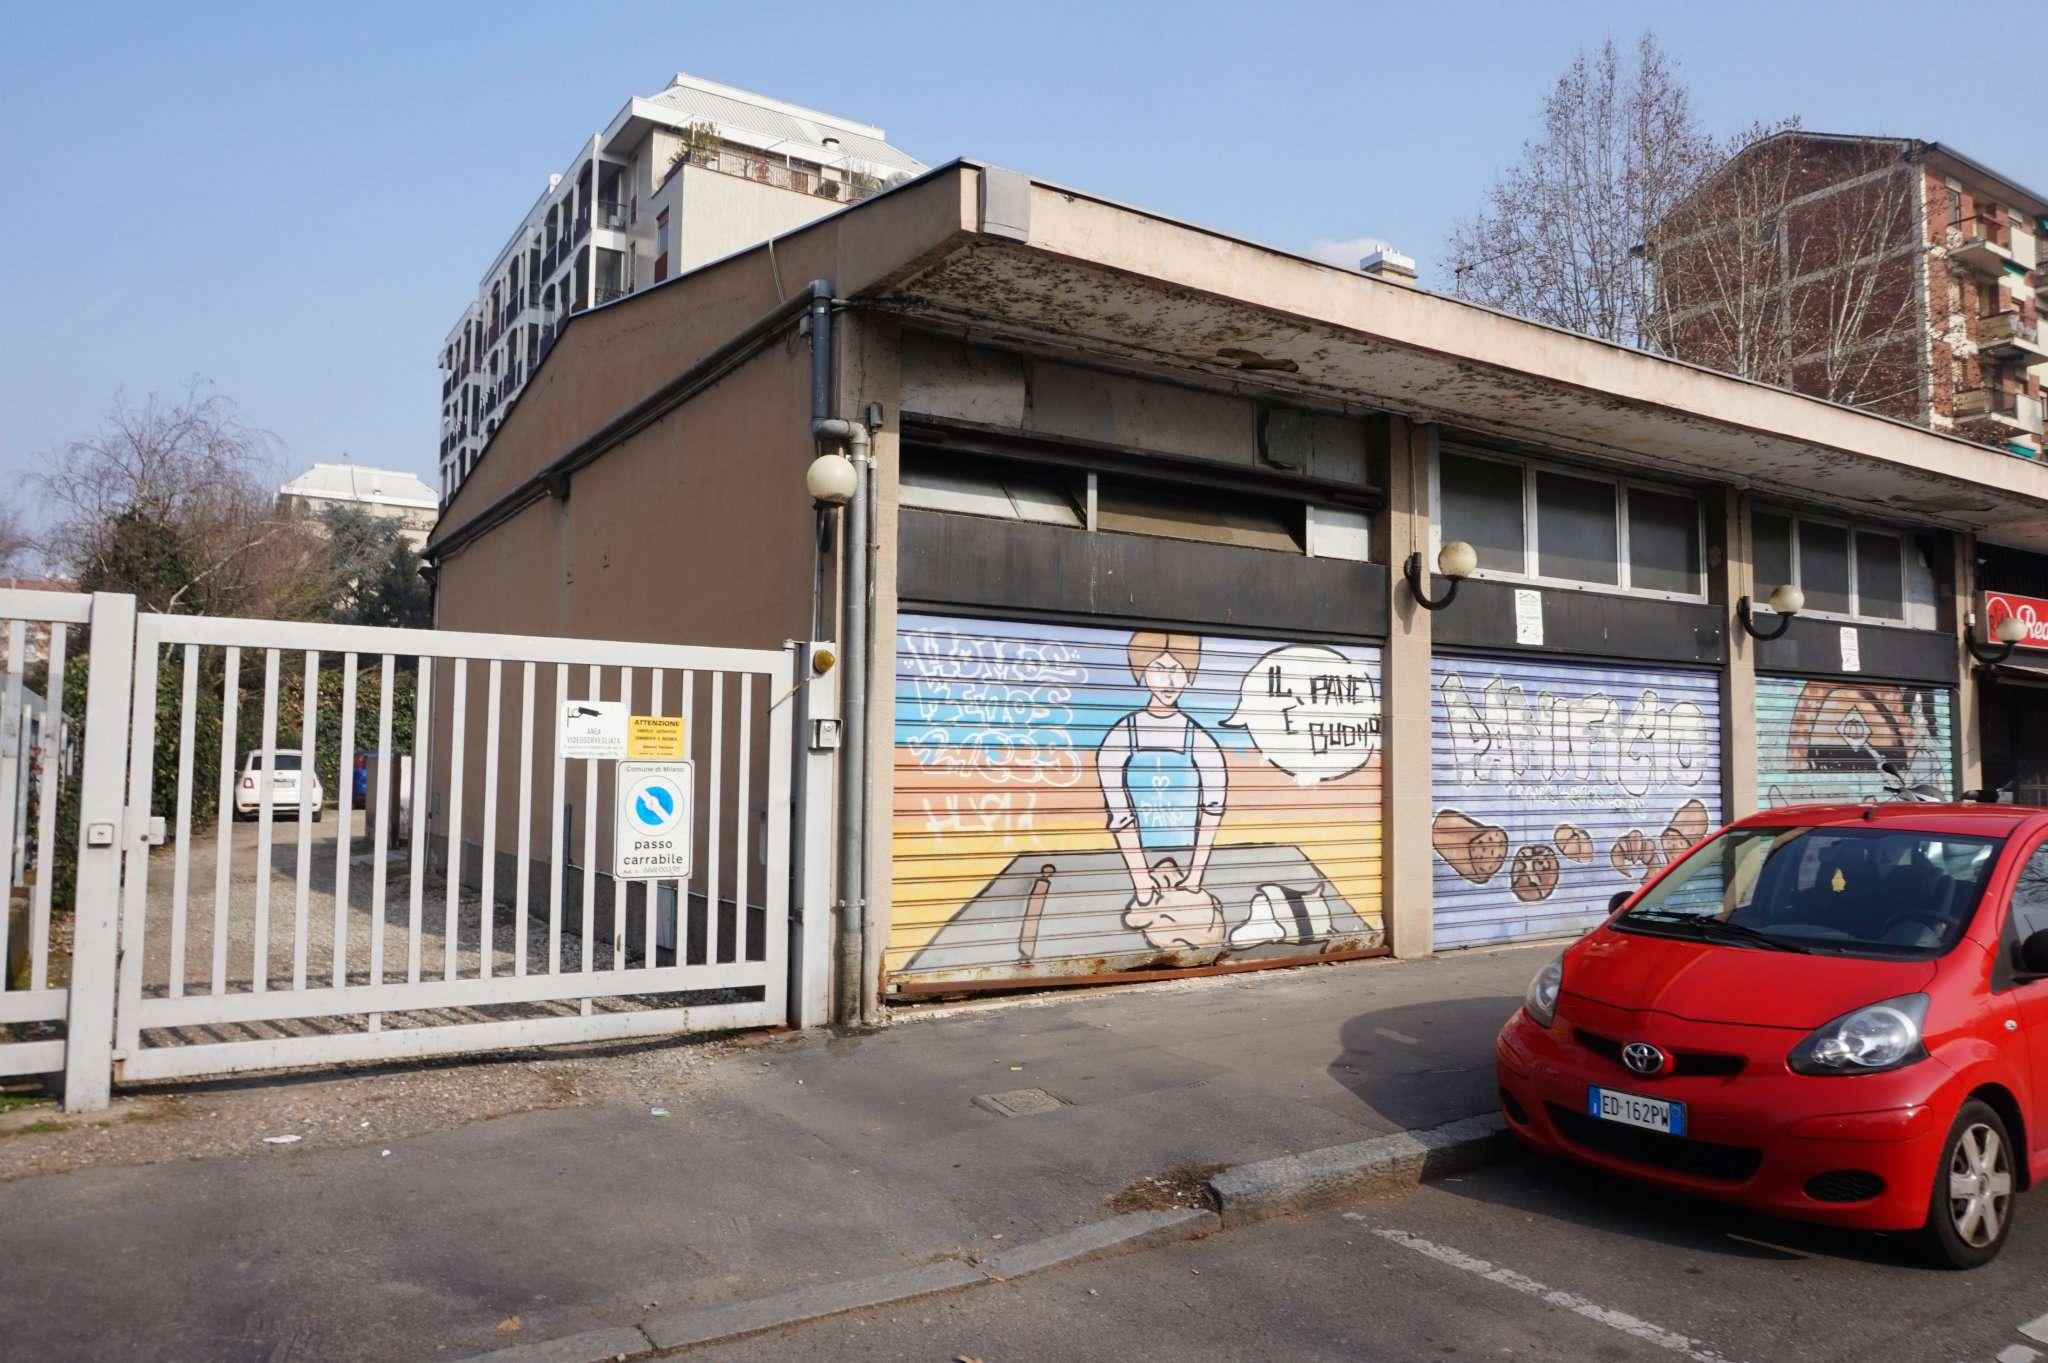 Agenzia Corso Immobiliare Bisceglie negozio / locale in affitto a milano - zona: 13 . baggio, forze armate,  quinto romano, bisceglie, valsesia